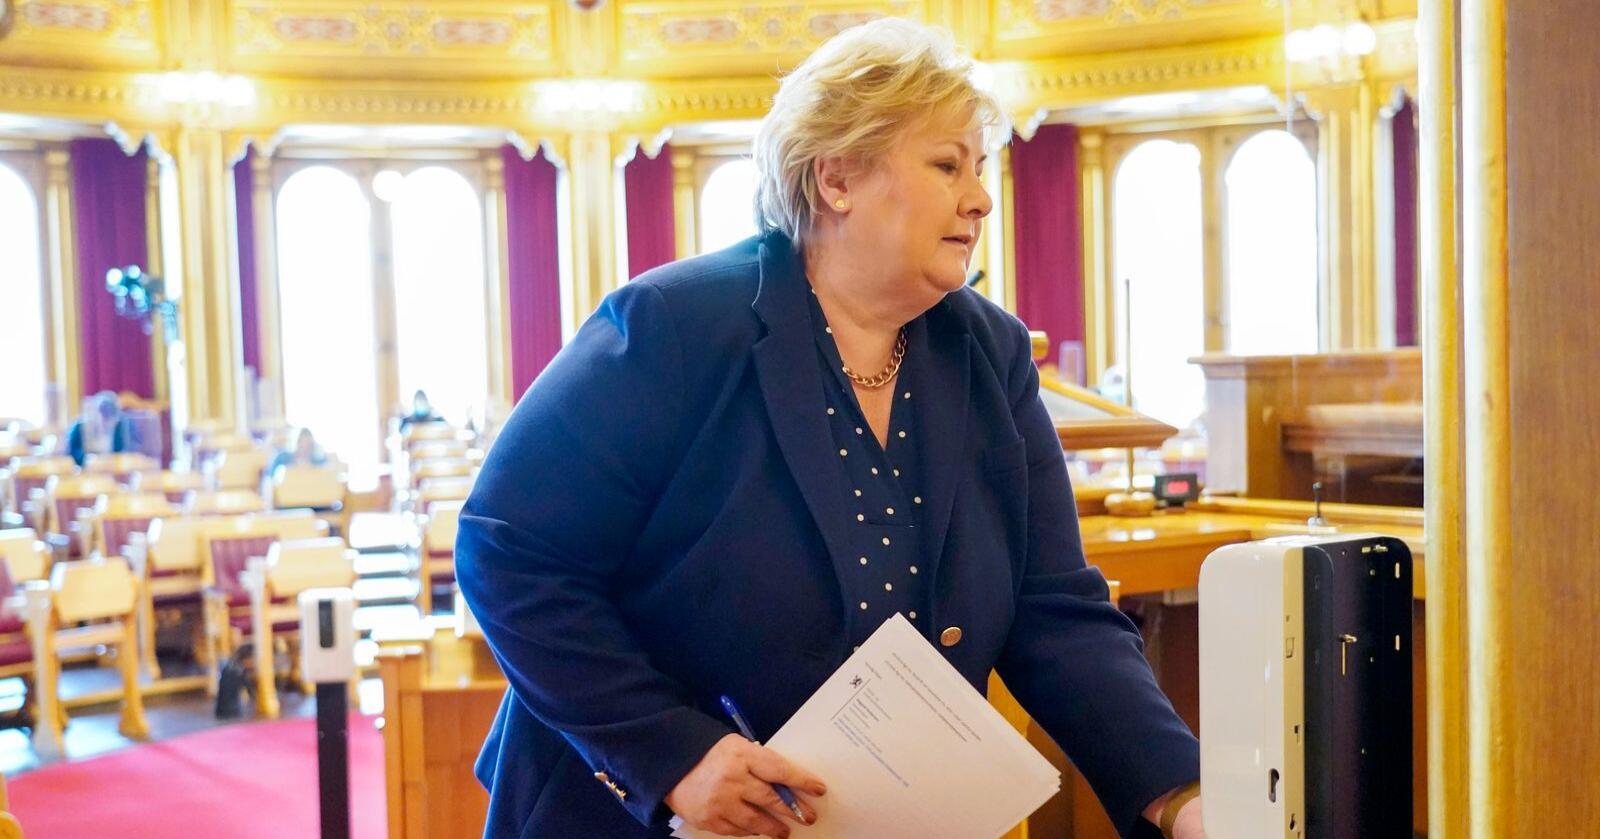 Statsminister Erna Solberg i Stortinget i forbindelse med debatten tirsdag etter redegjørelsen hennes i forrige uke om koronakommisjonens rapport. Foto: Gorm Kallestad / NTB